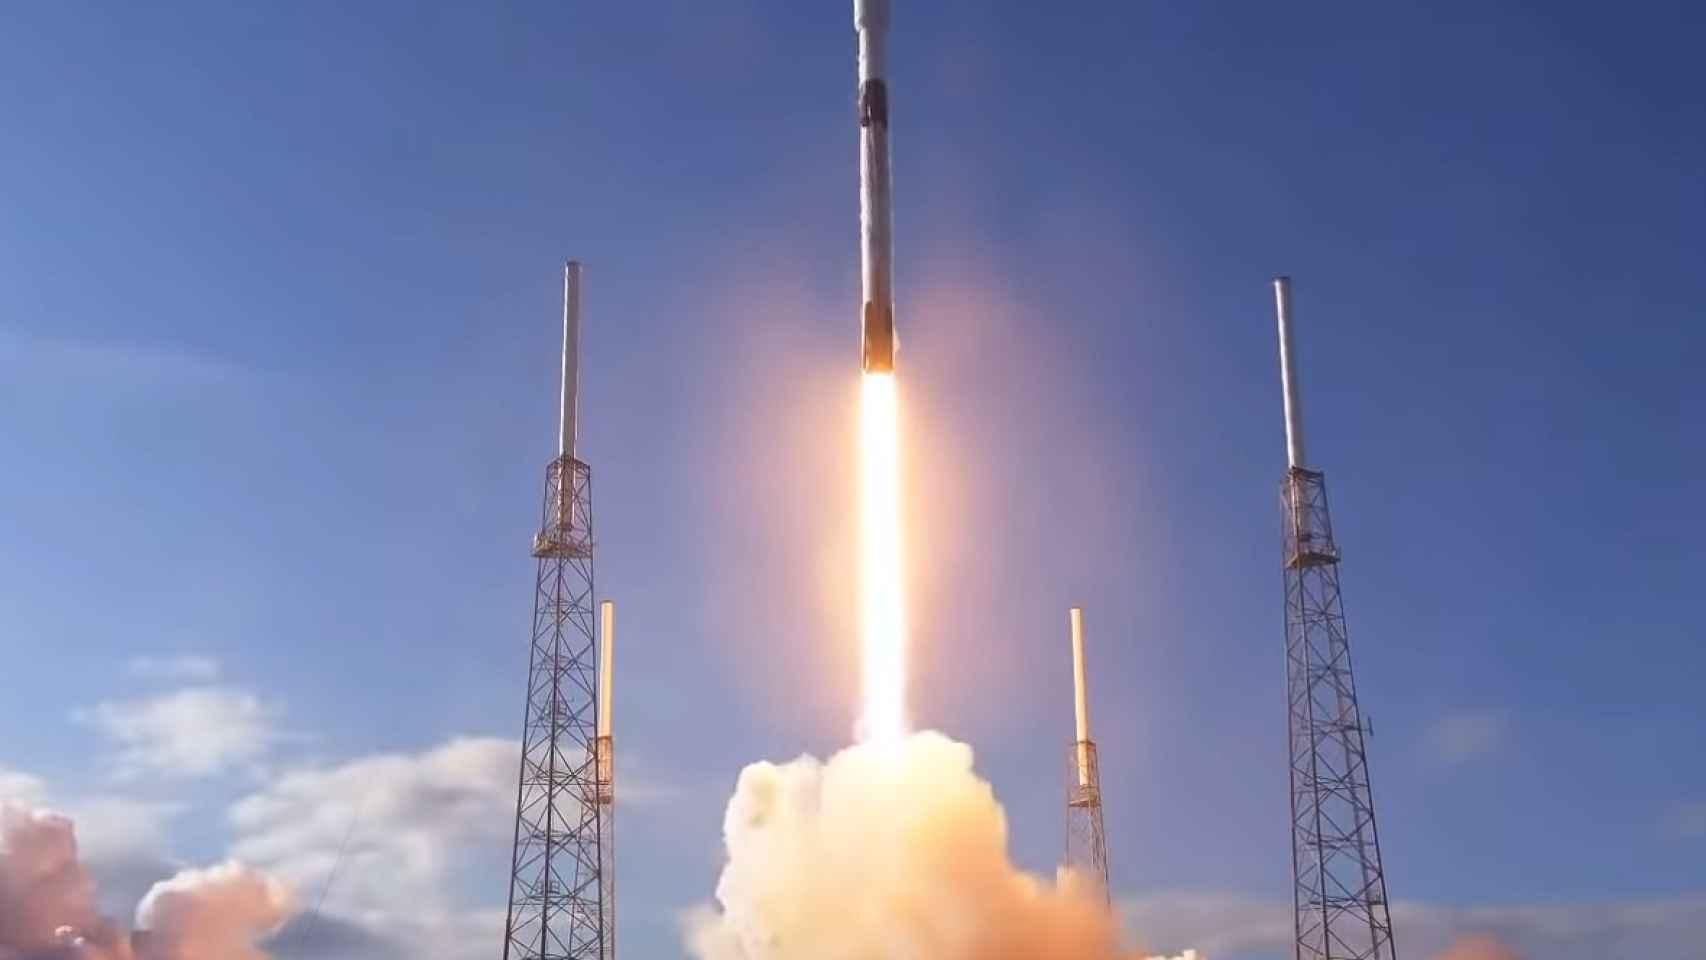 Qué es Starlink y cómo funcionan los satélites que han cruzado España anoche —